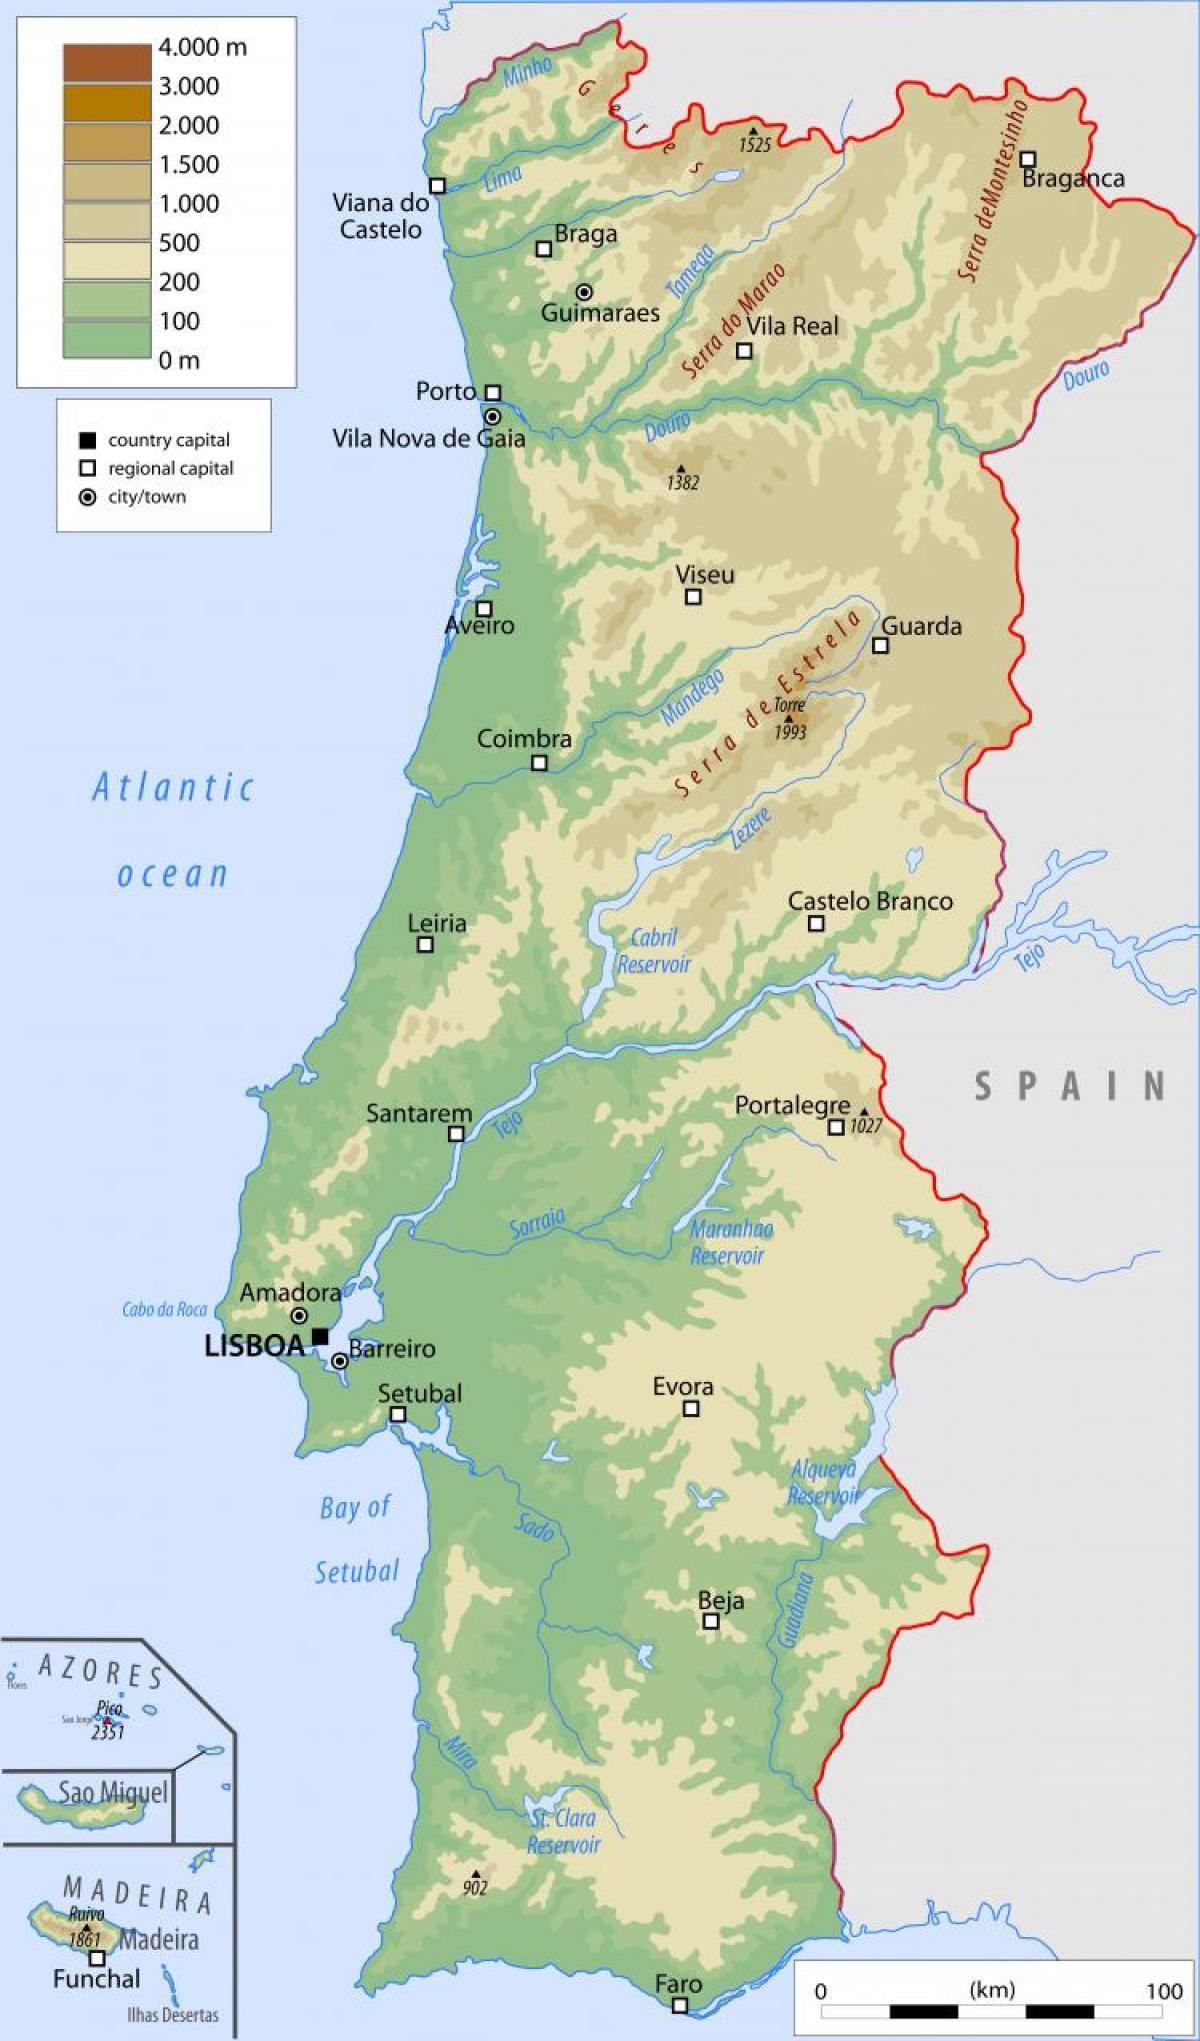 Portogallo Fisica Cartina.Portogallo Mappa Fisica Mappa Fisica Del Portogallo Europa Meridionale Europa